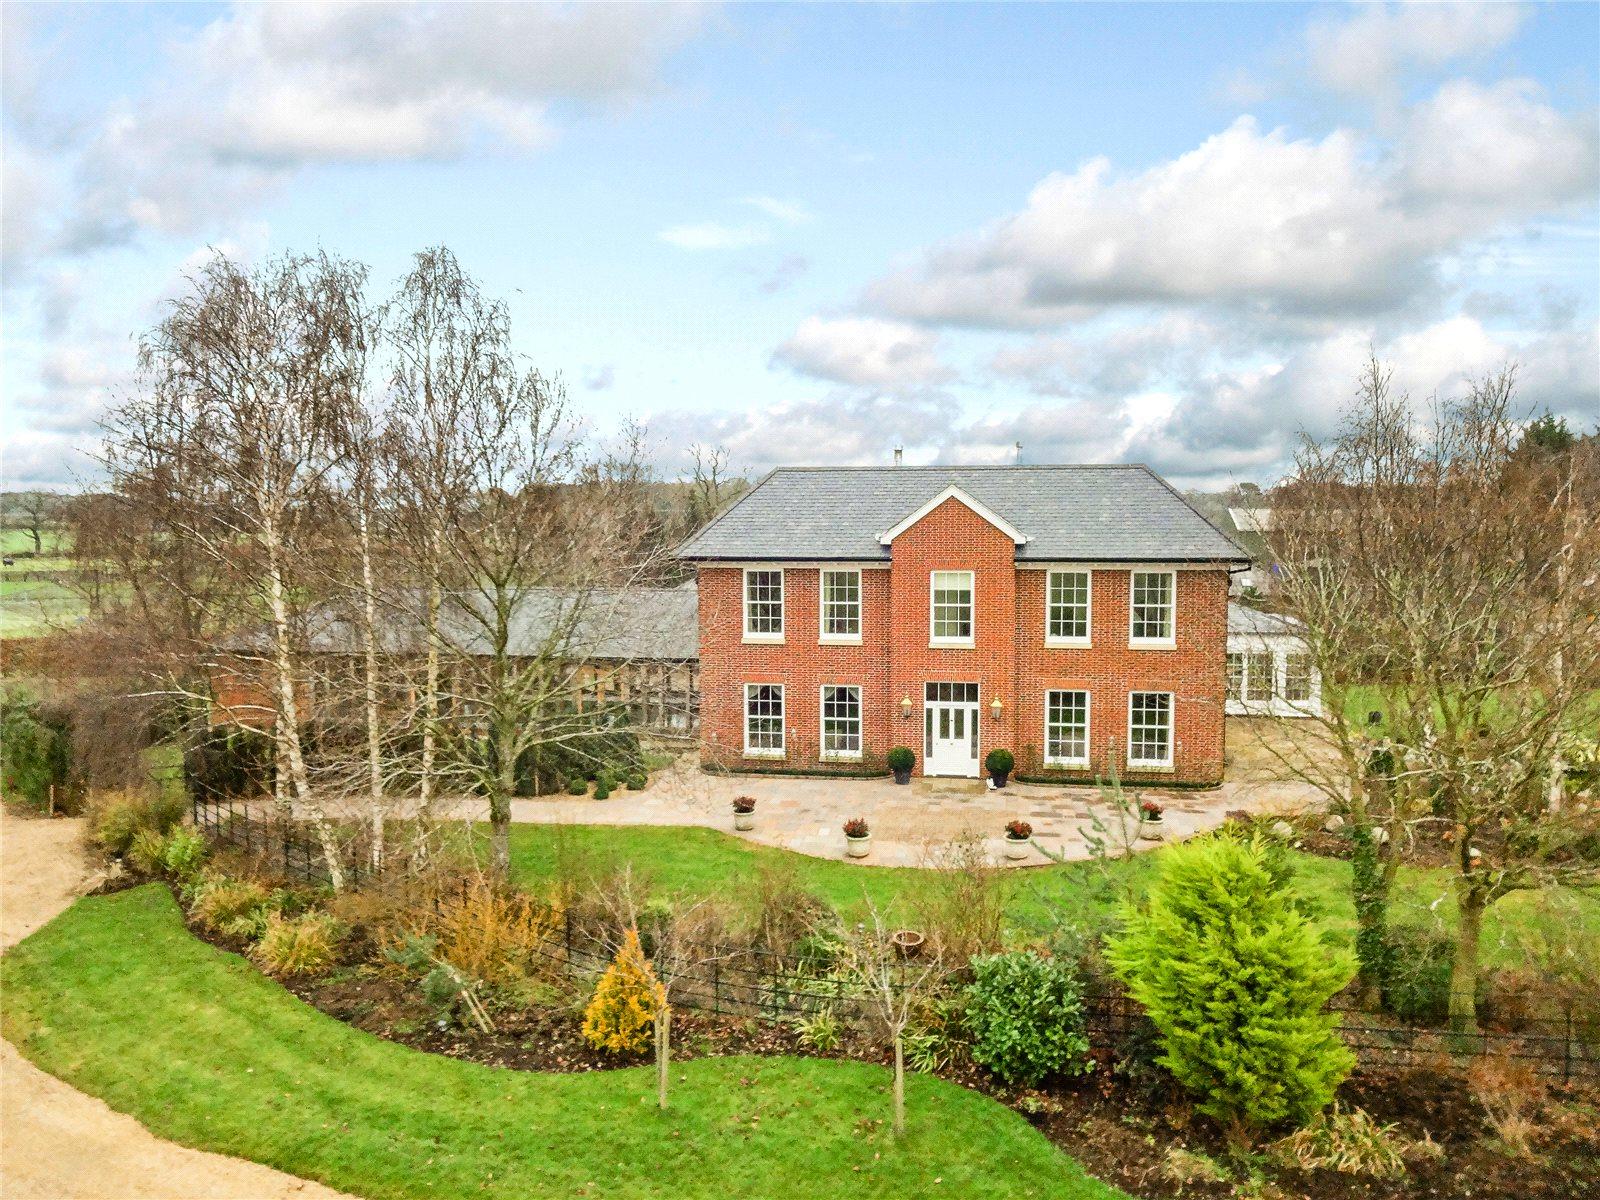 διαμερίσματα για την Πώληση στο Hothorpe, Theddingworth, Lutterworth, Leicestershire, LE17 Lutterworth, Αγγλια